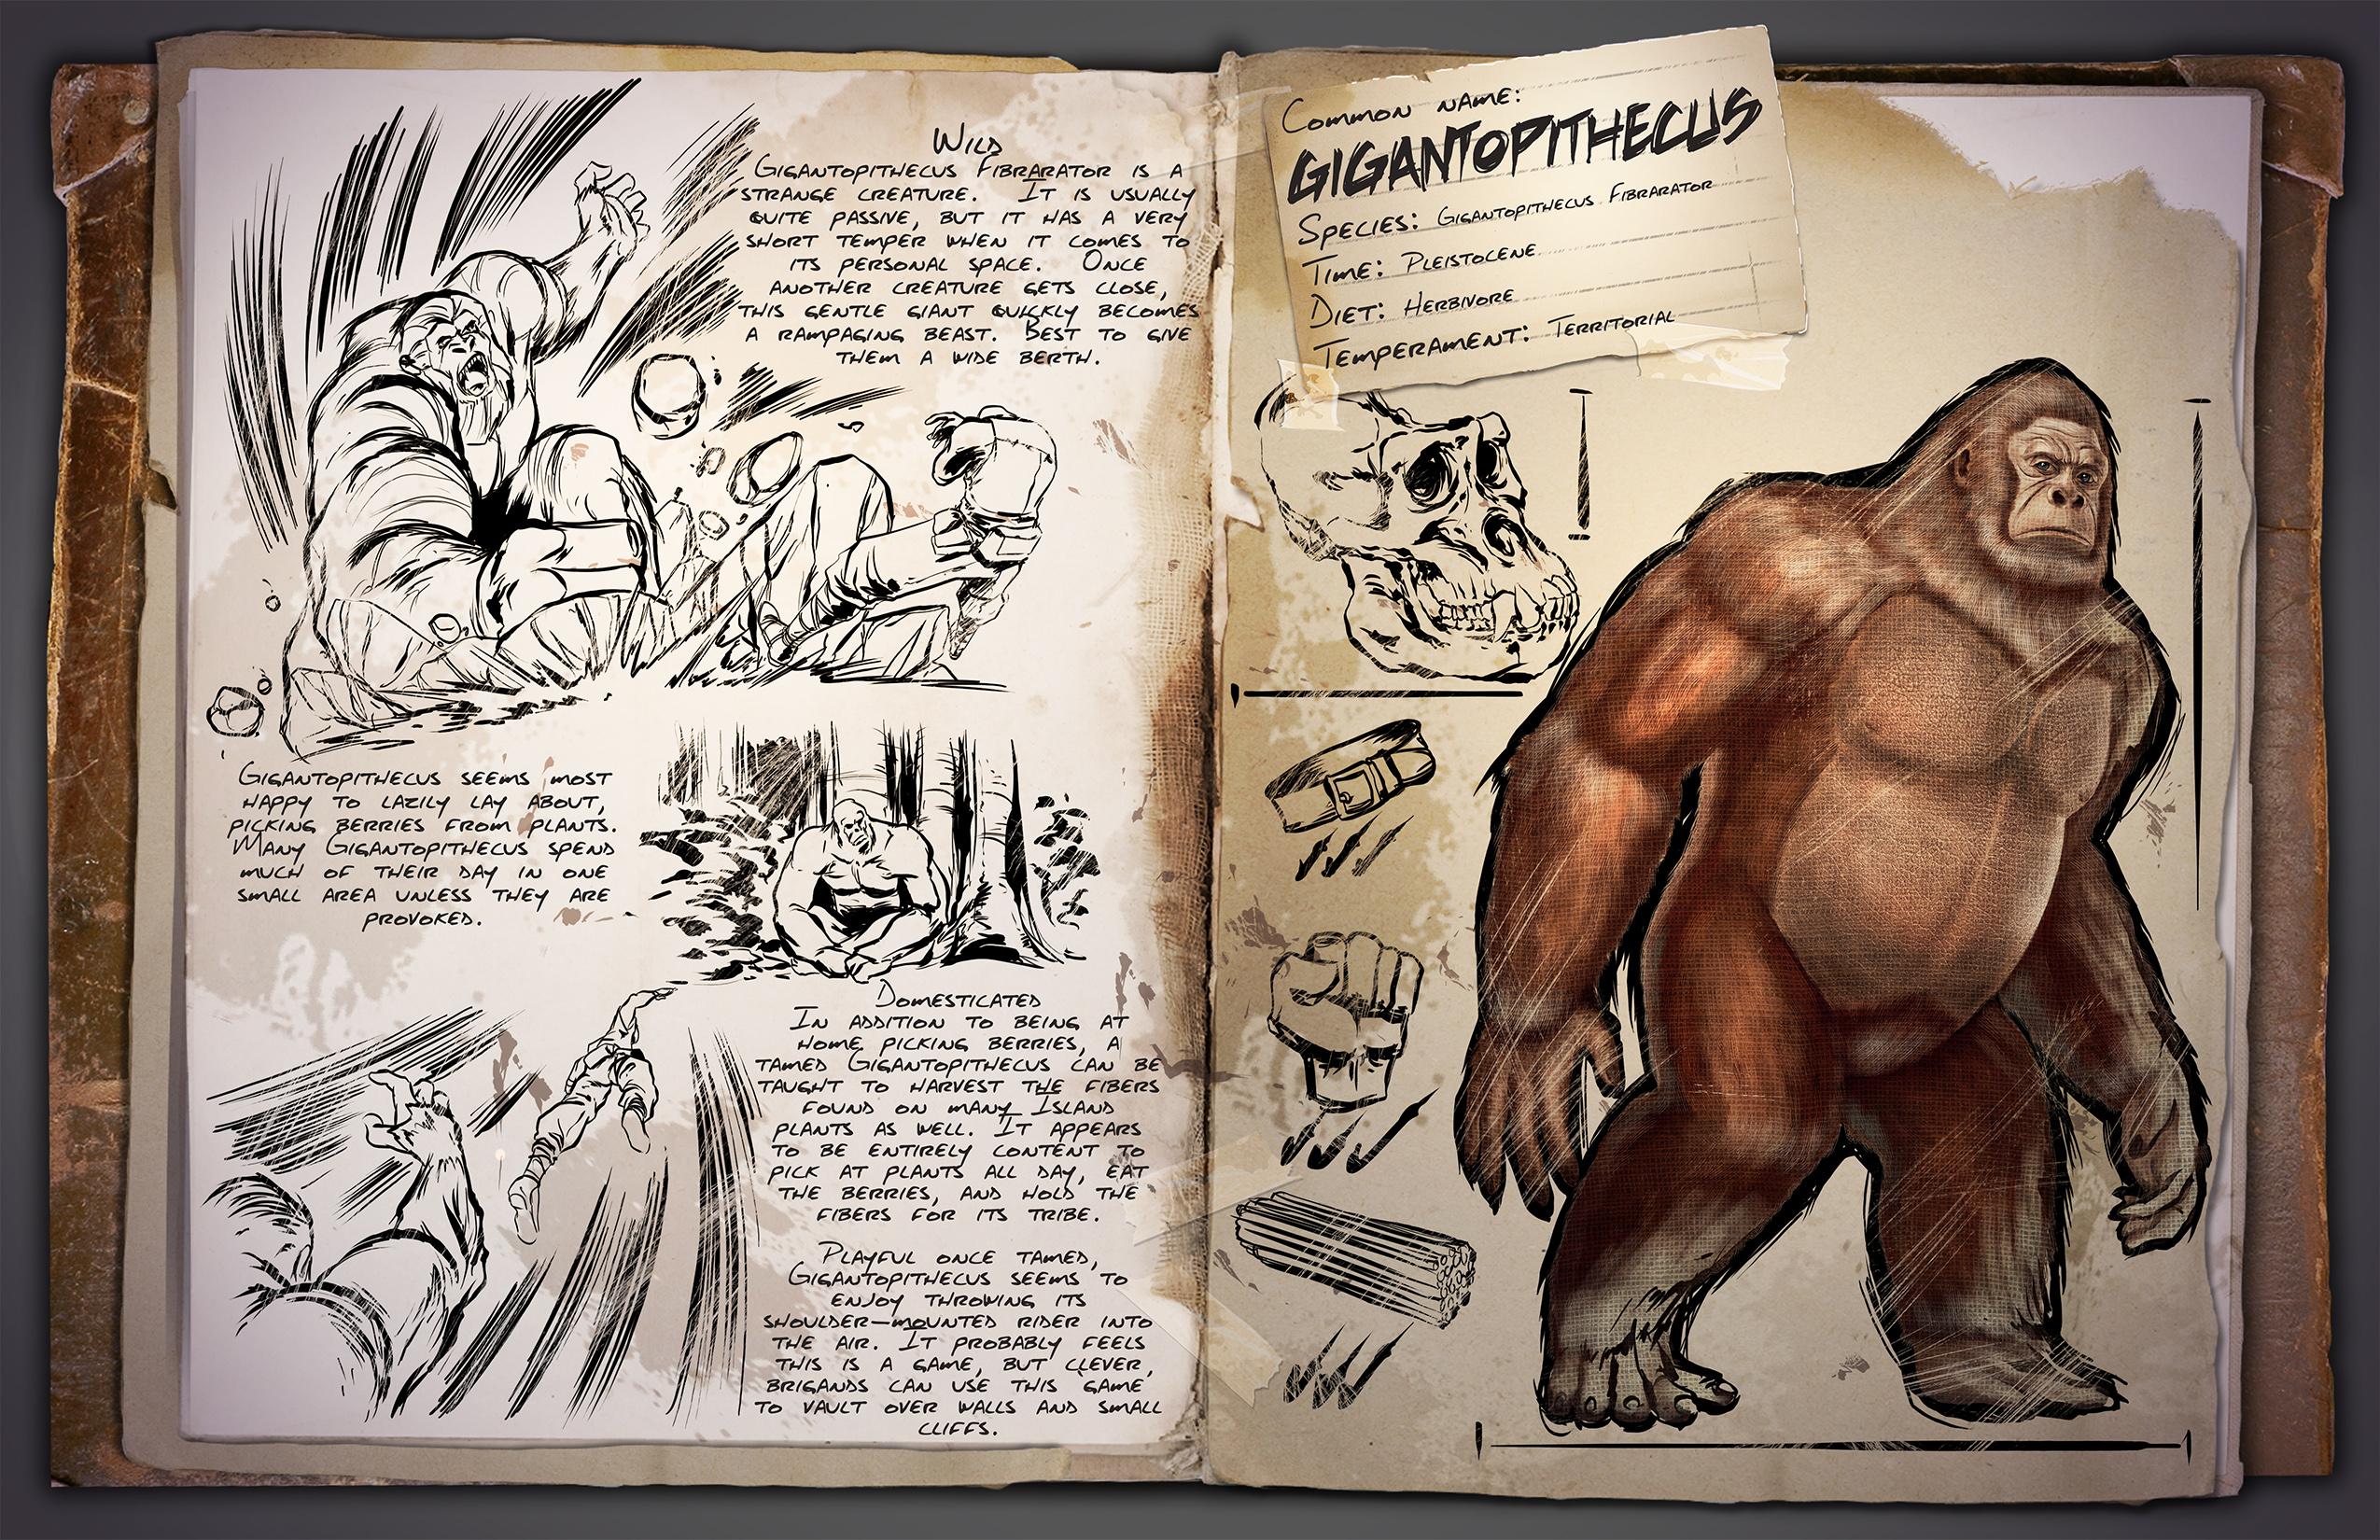 Gigantopithecus Gesichtet: Neuer Goril...